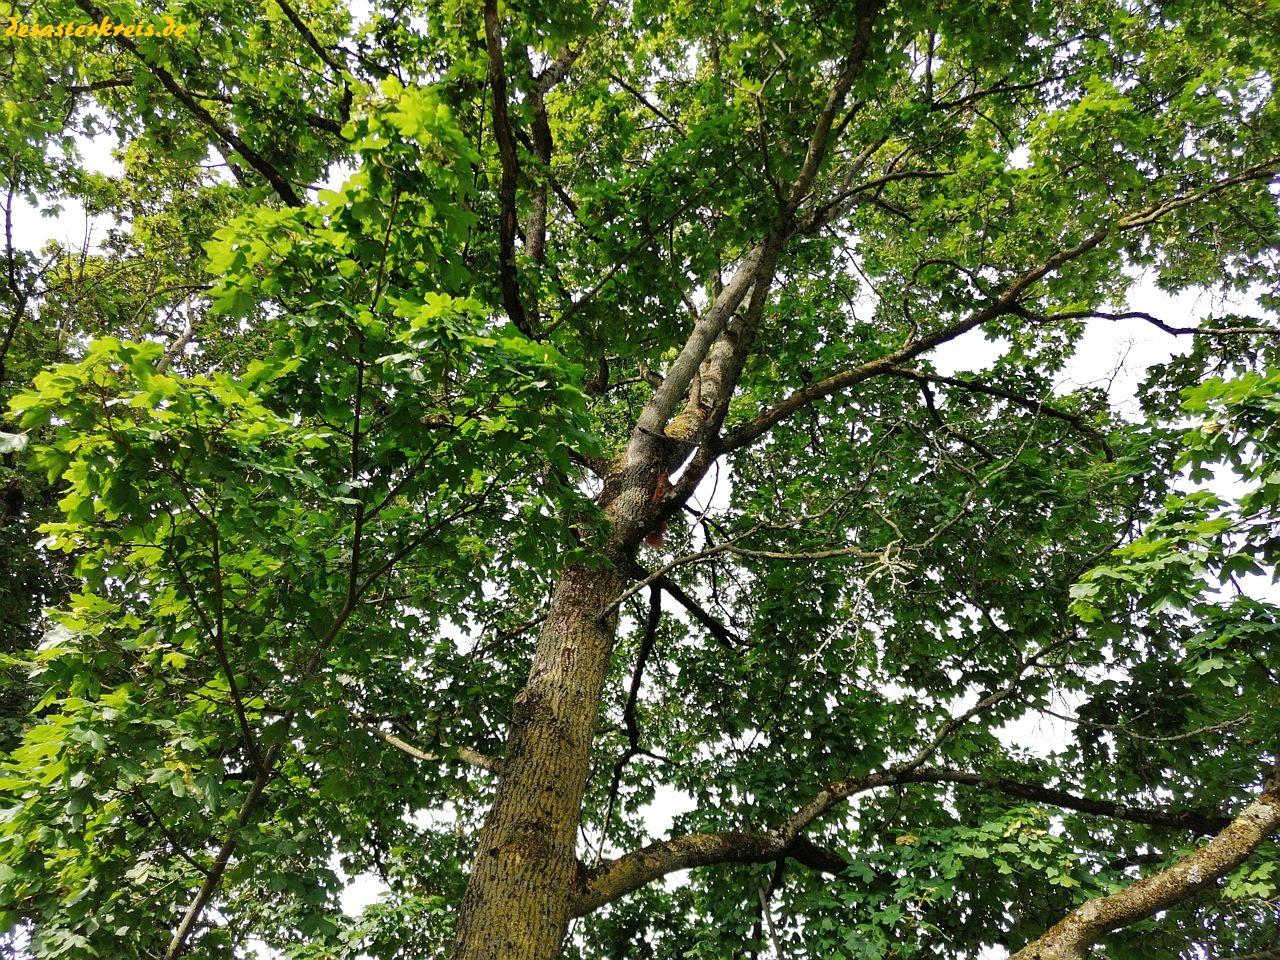 Suchbild - Eichhörnchen im Baum